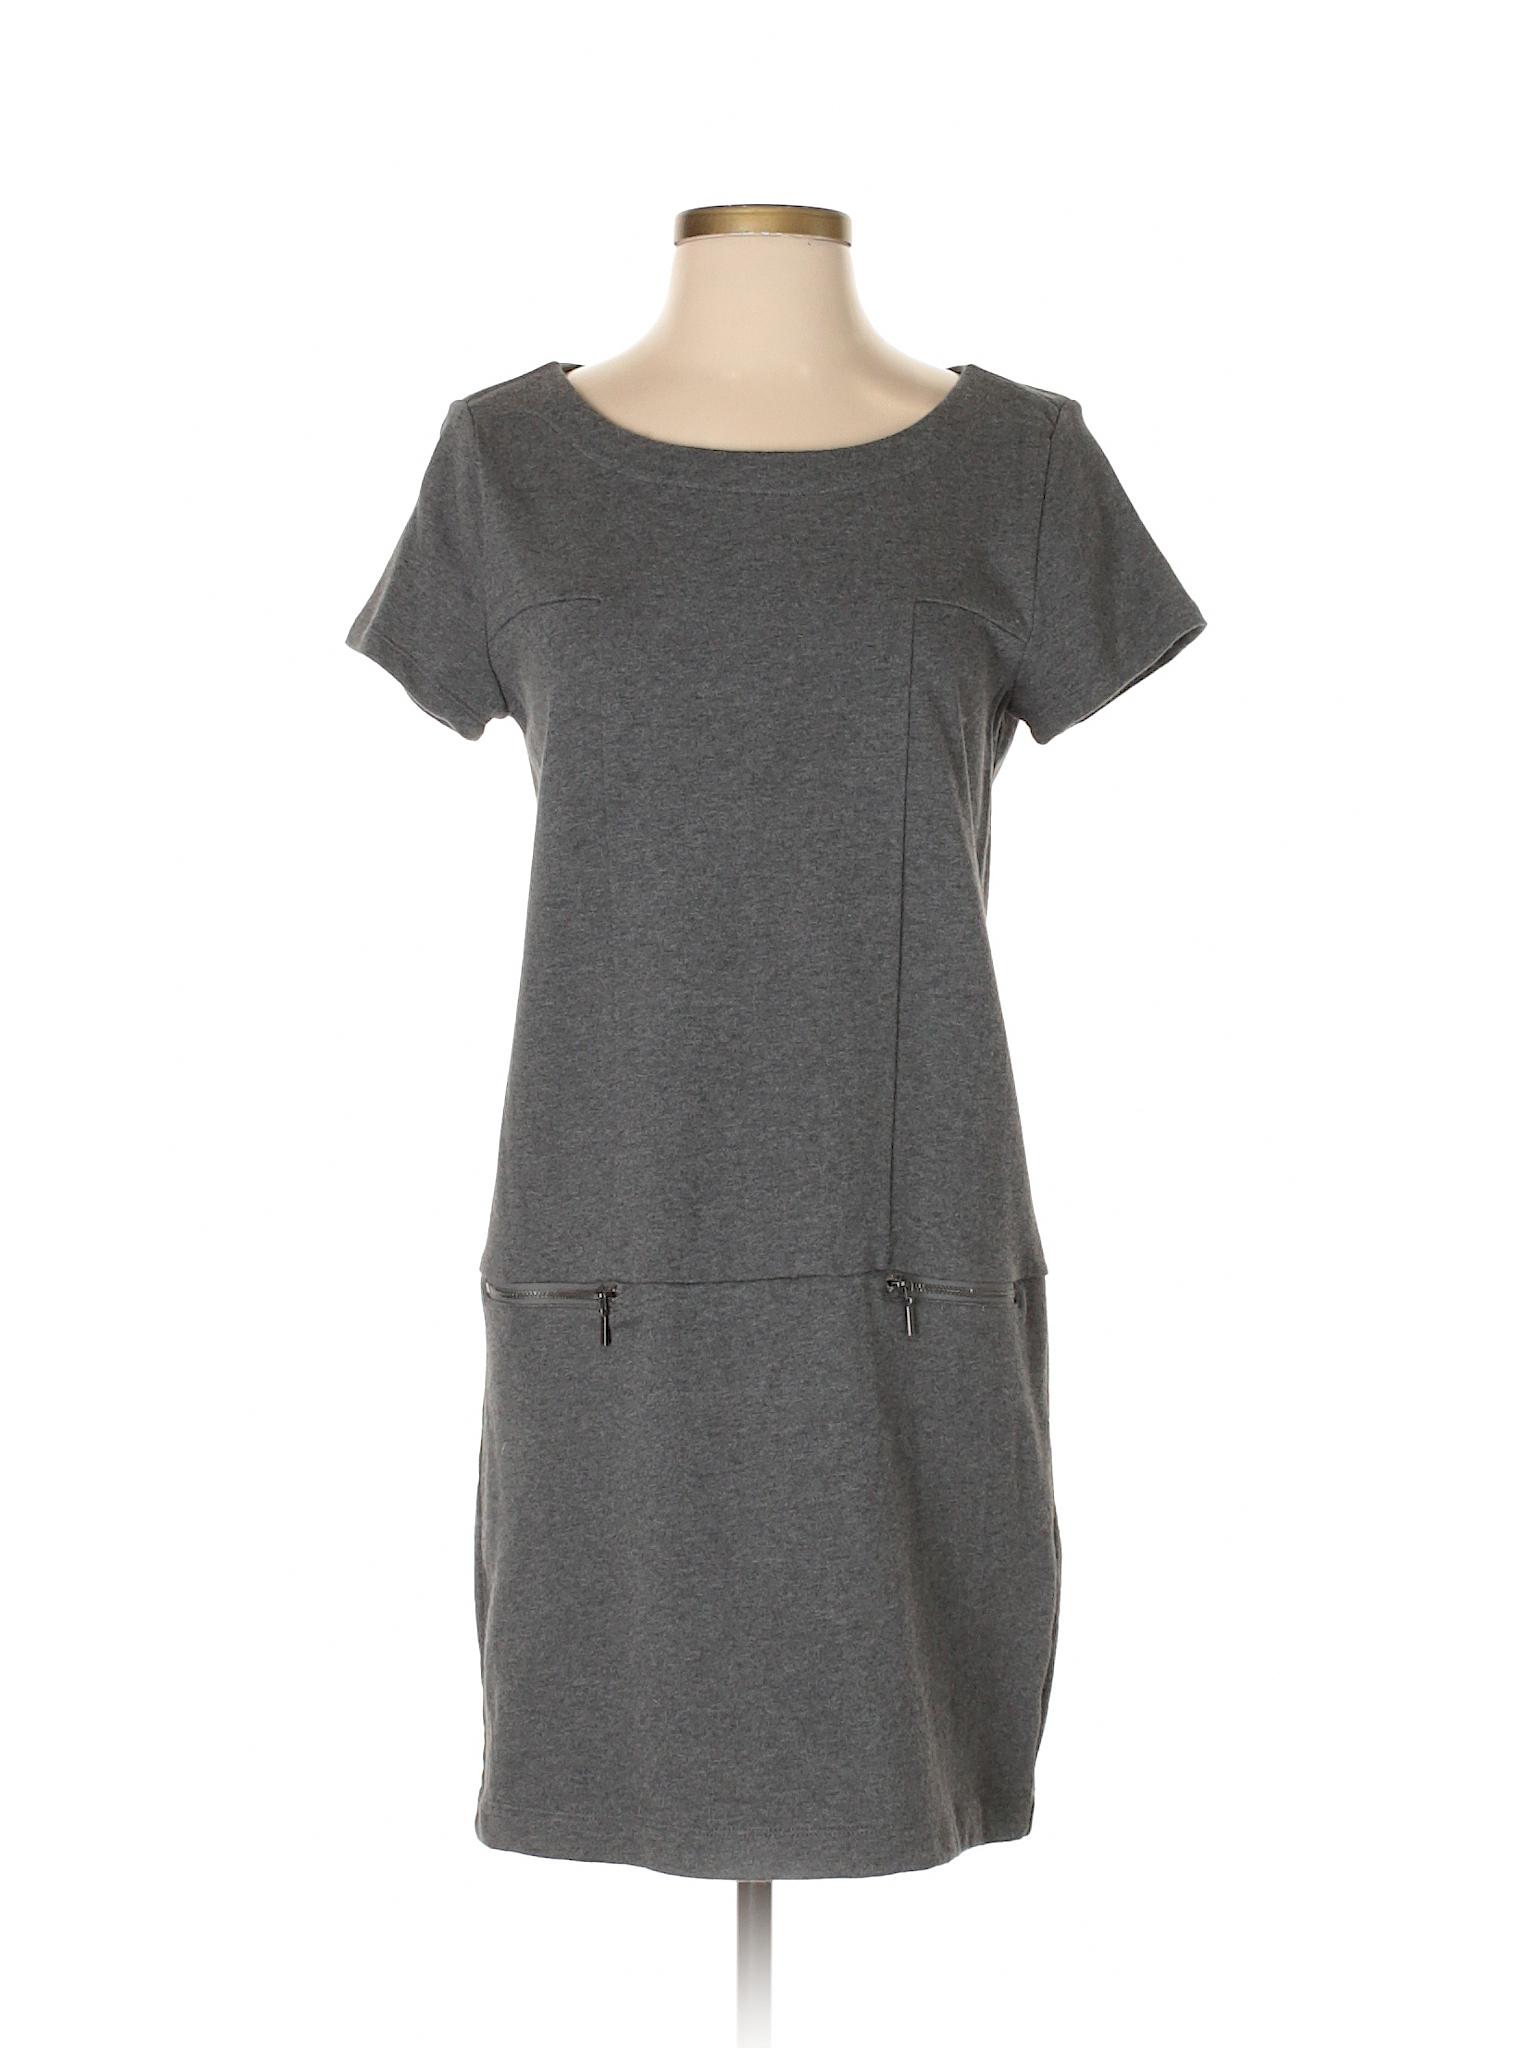 Casual Boutique Dress Casual Gap Dress Boutique Winter Boutique Gap Winter wX8xPq